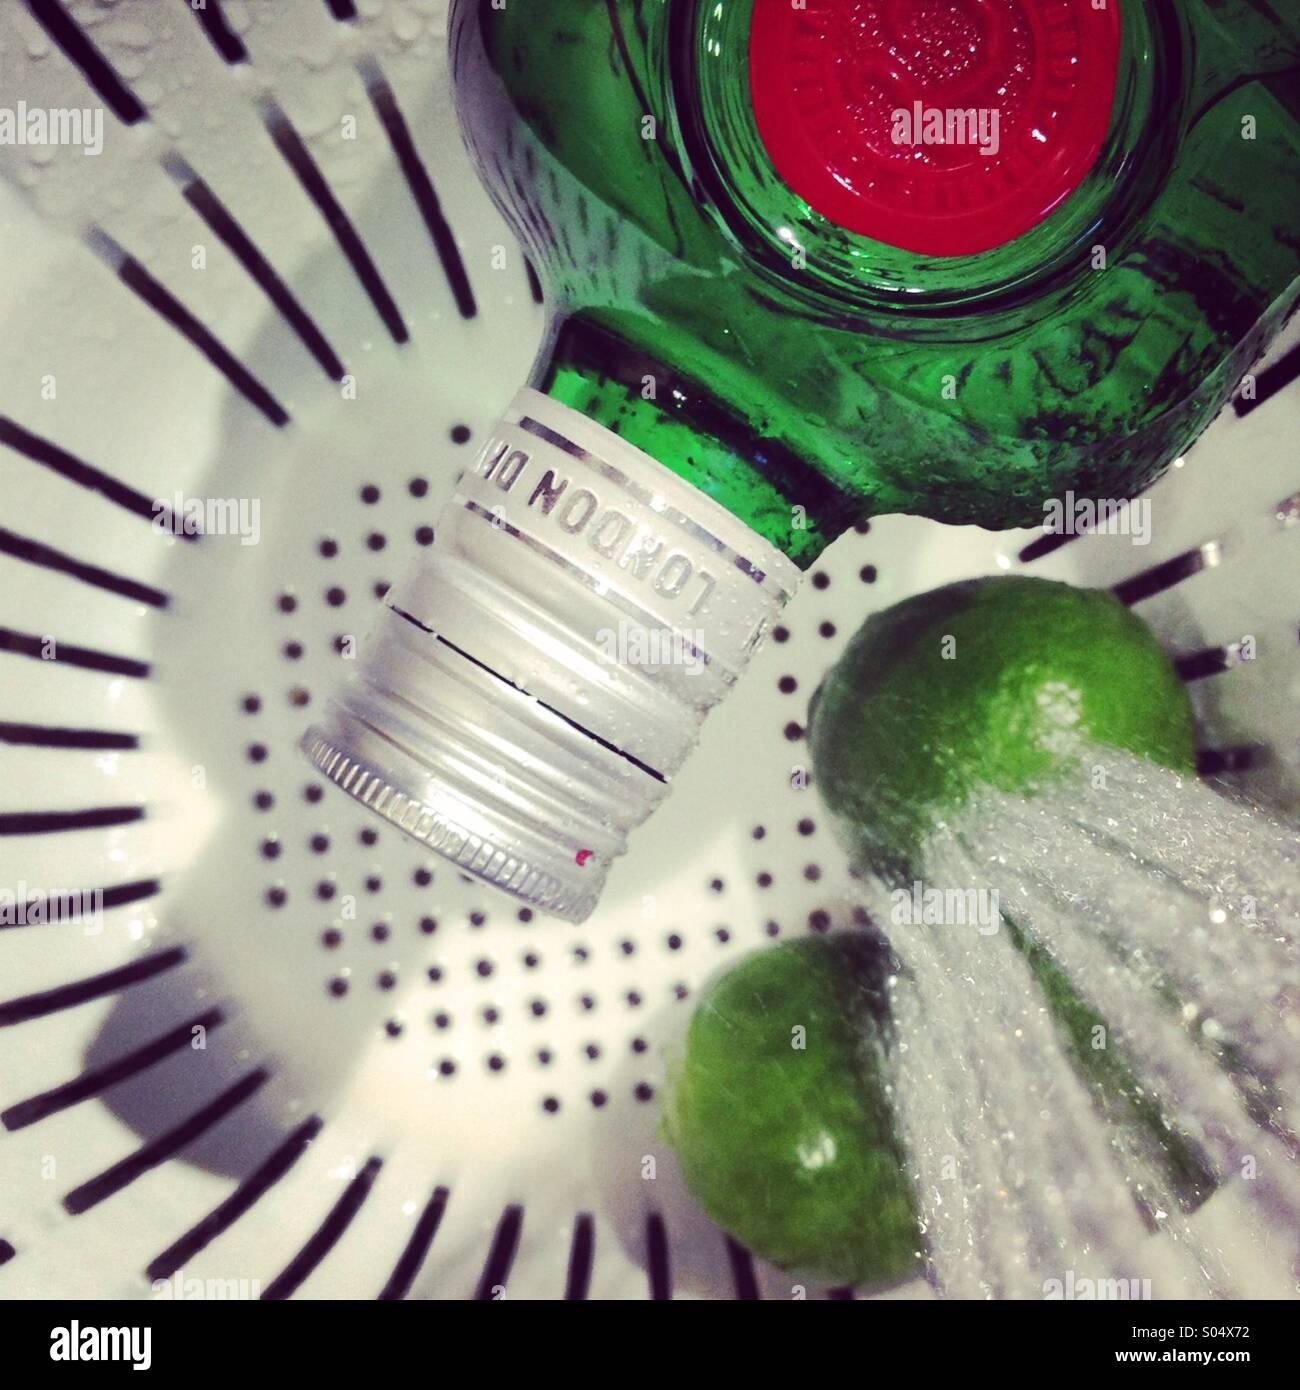 Verde botella de gin junto al limes de lavado con un chorro de agua si mientras está sentado en un colador. Imagen De Stock